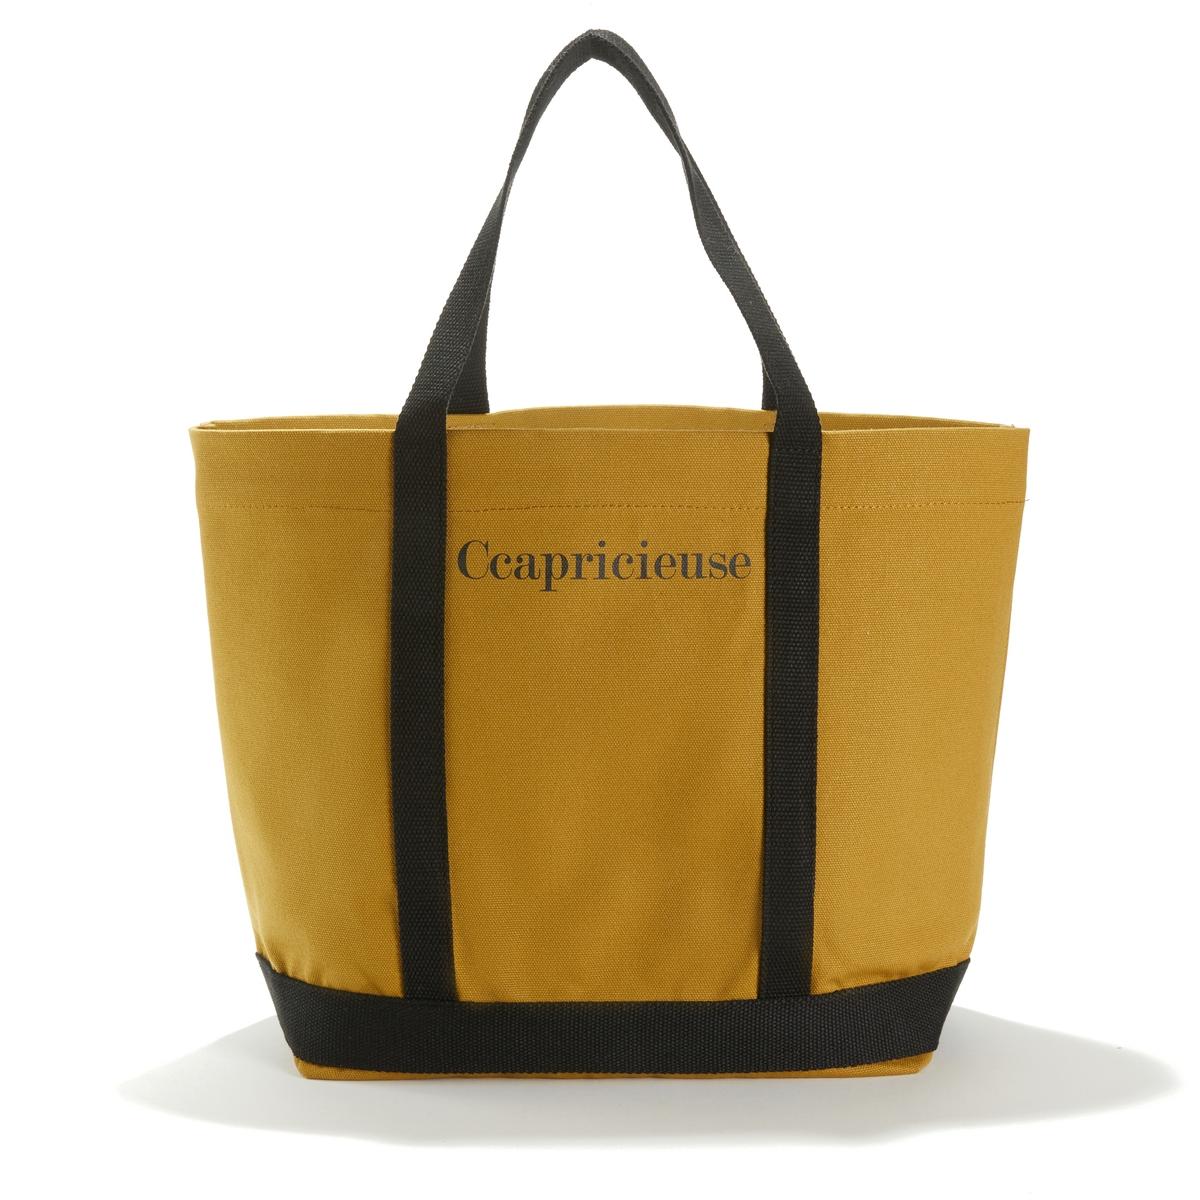 Сумка-шоппер с надписью Ccapricieuse